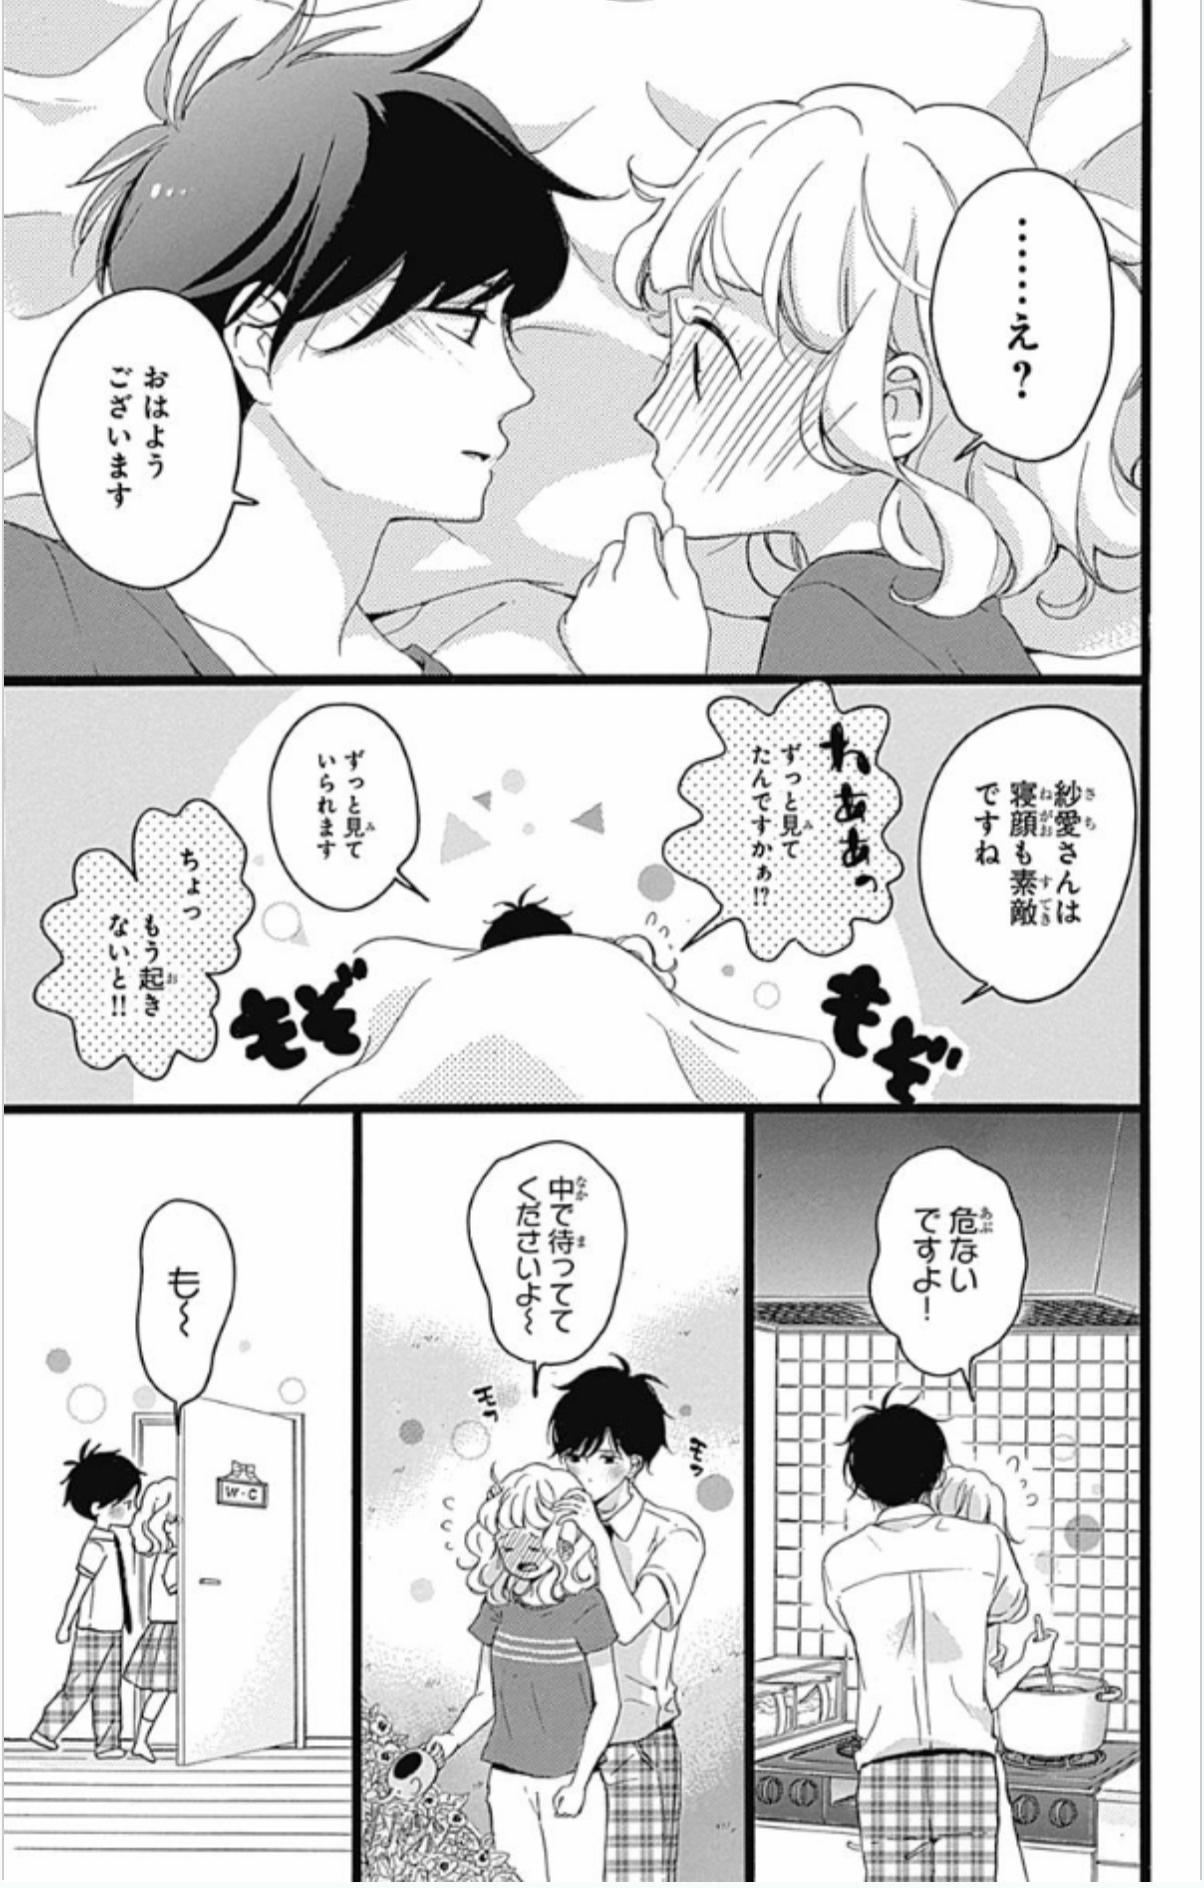 月 潤う ネタバレ この 漫画 【感想・ネタバレ】潤うからだのレビュー